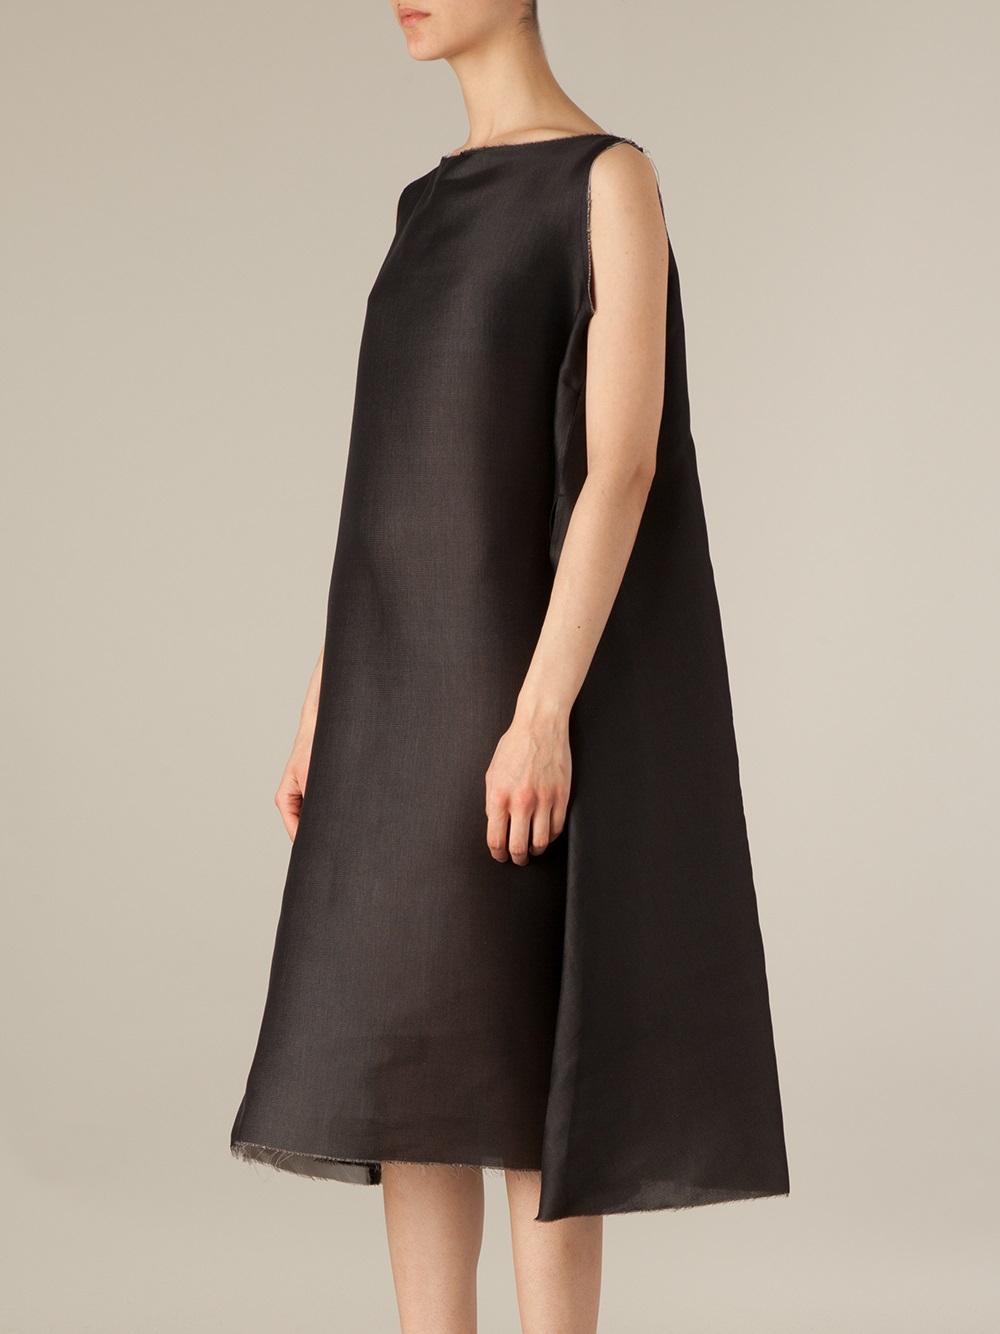 Lyst Yang Li Flared Sack Dress In Black